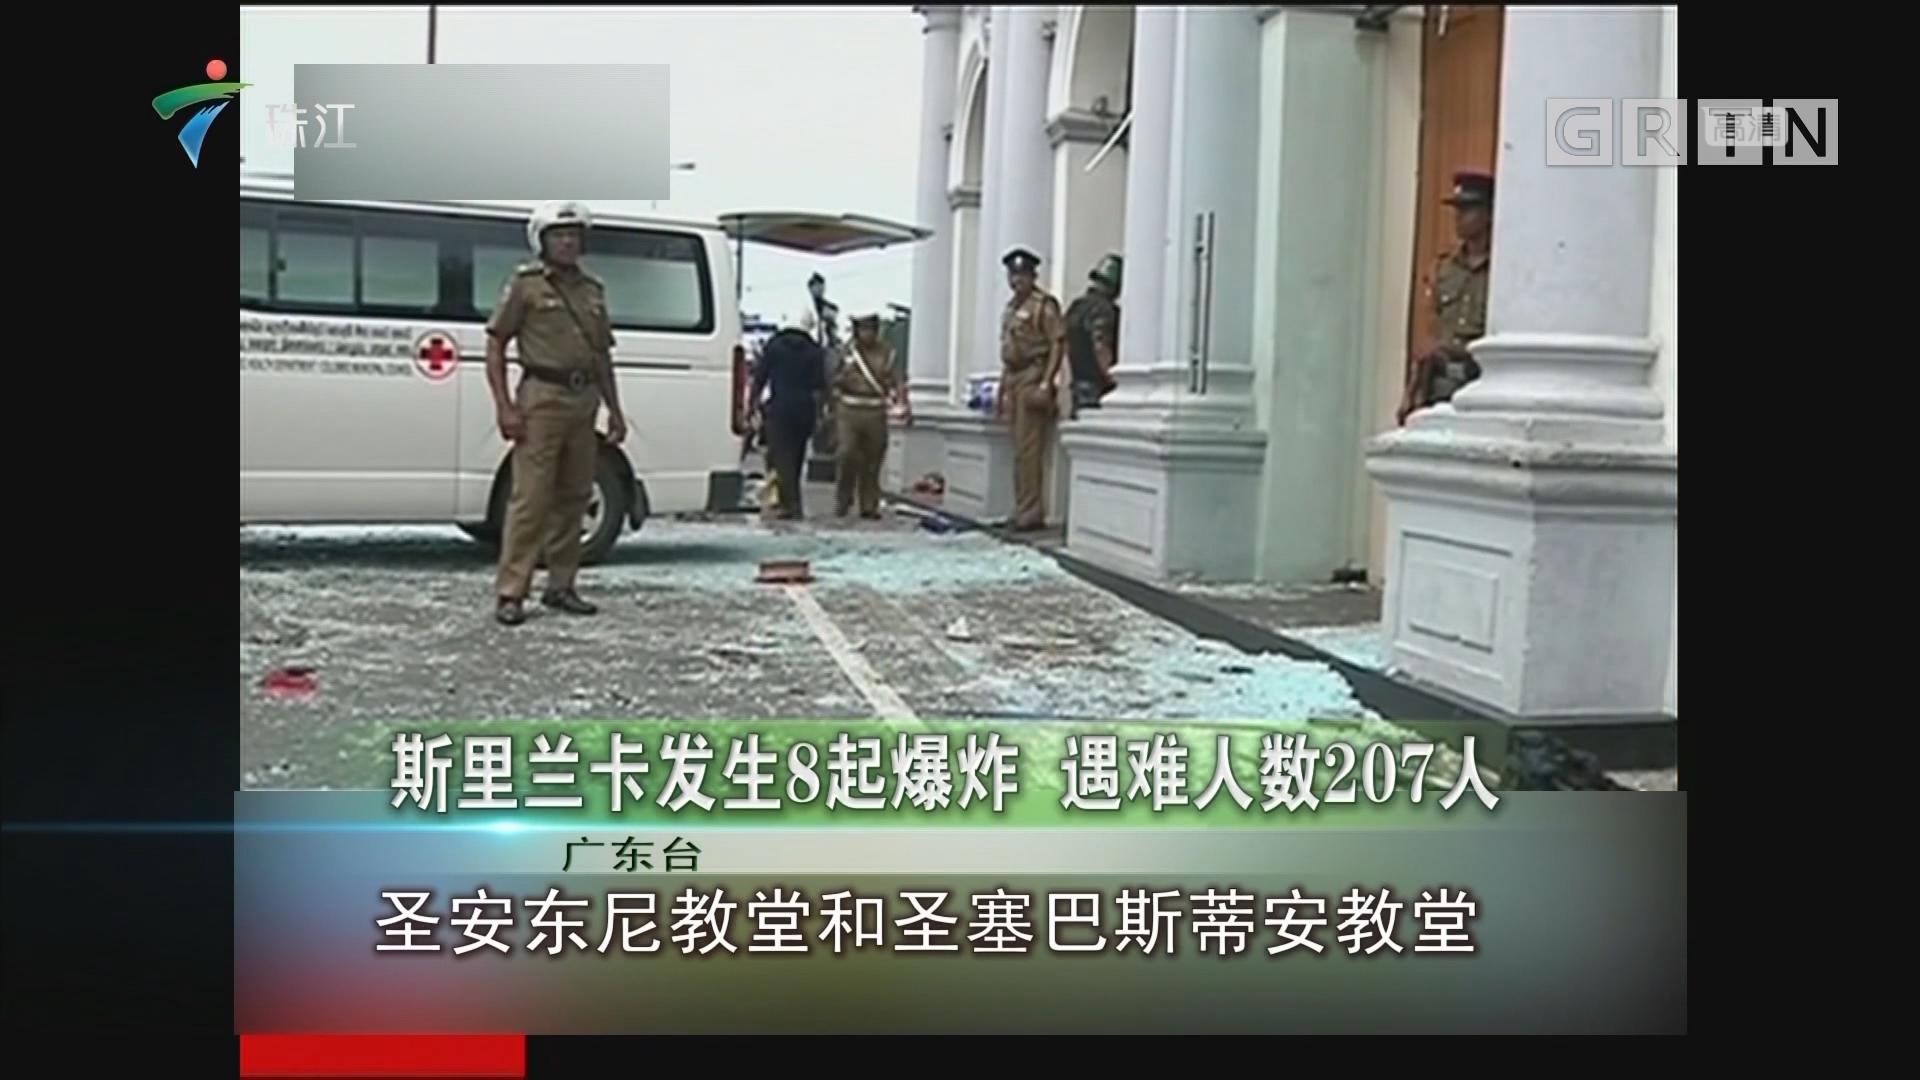 斯里兰卡发生8起爆炸 遇难人数207人